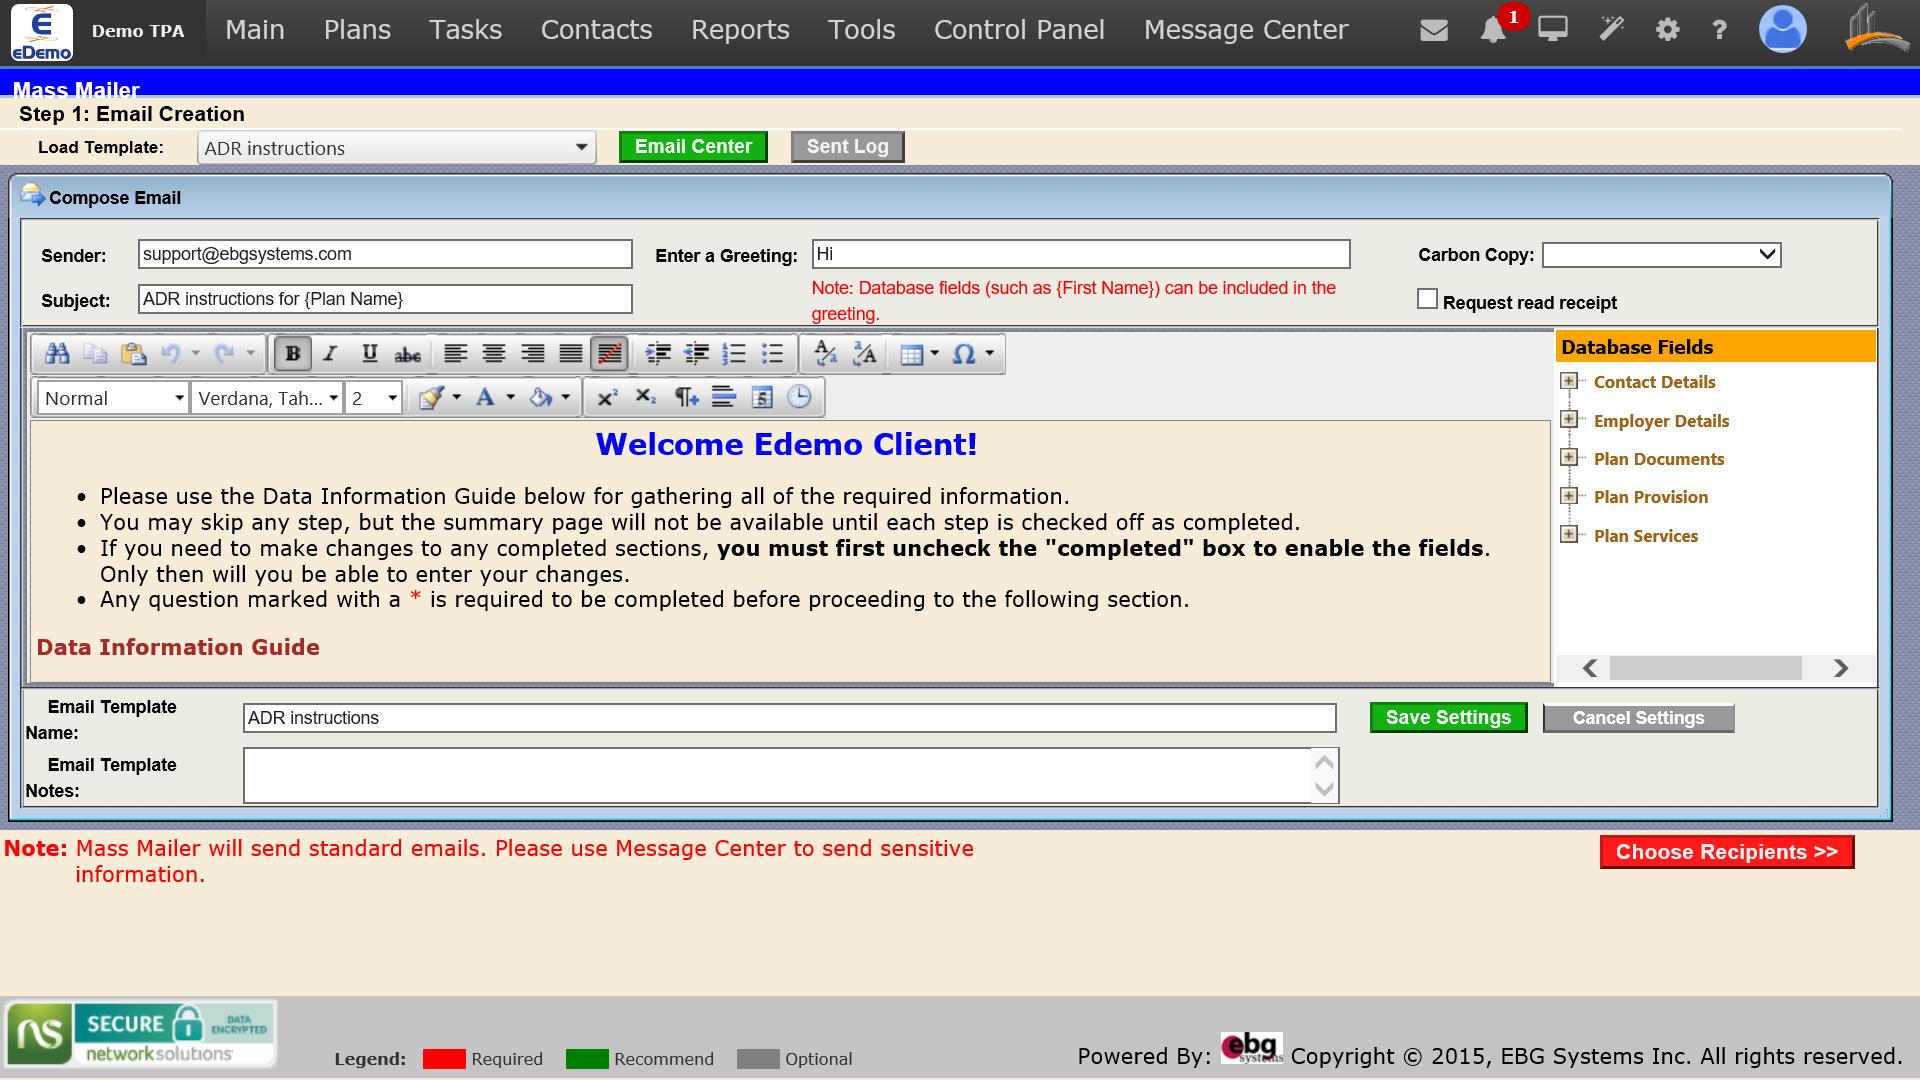 screenshot of Mass Mailer Composition.jpg